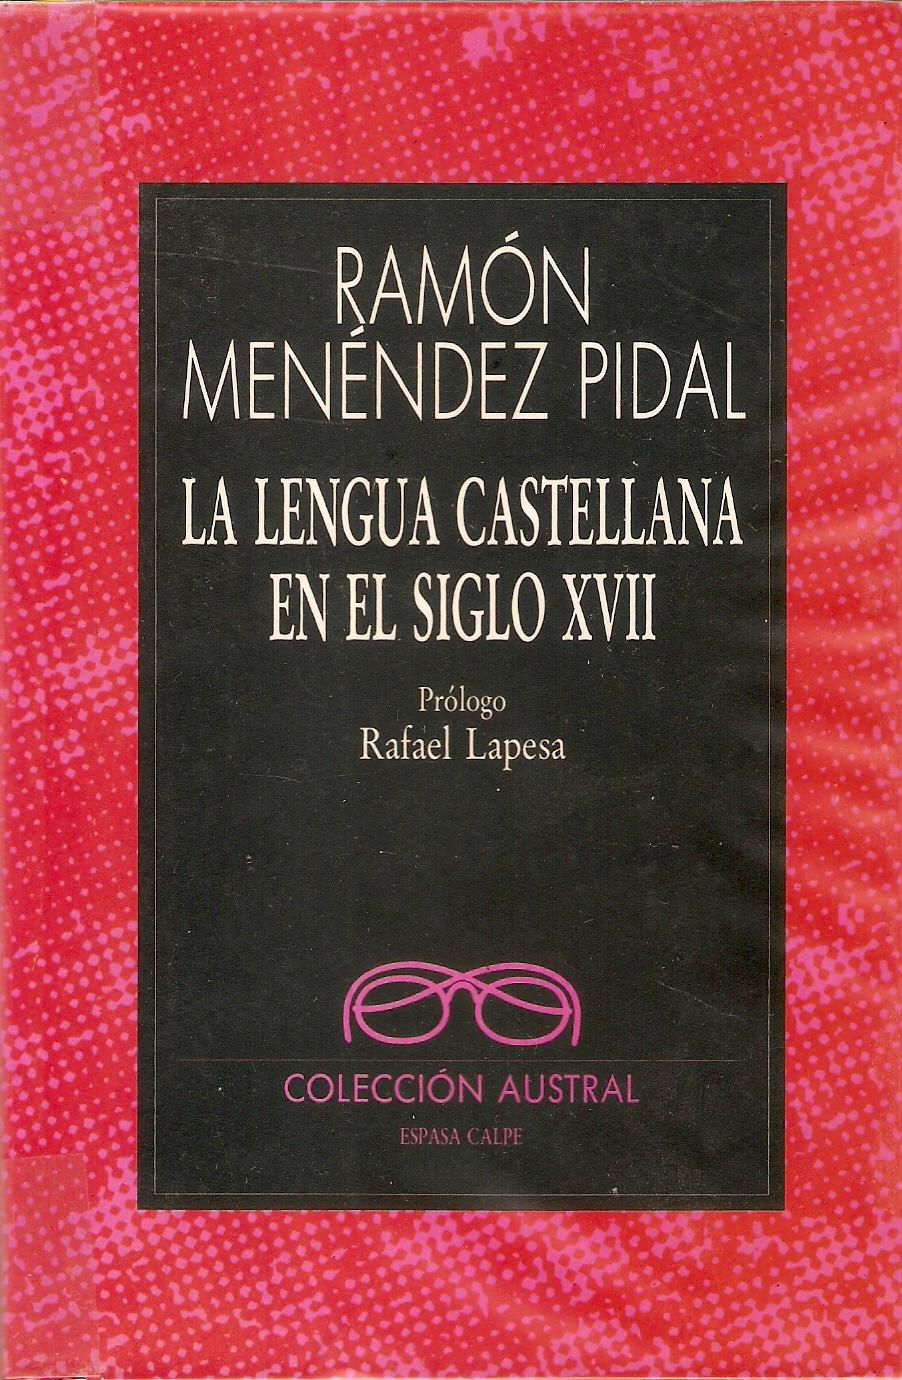 La lengua castellana en el siglo XVII